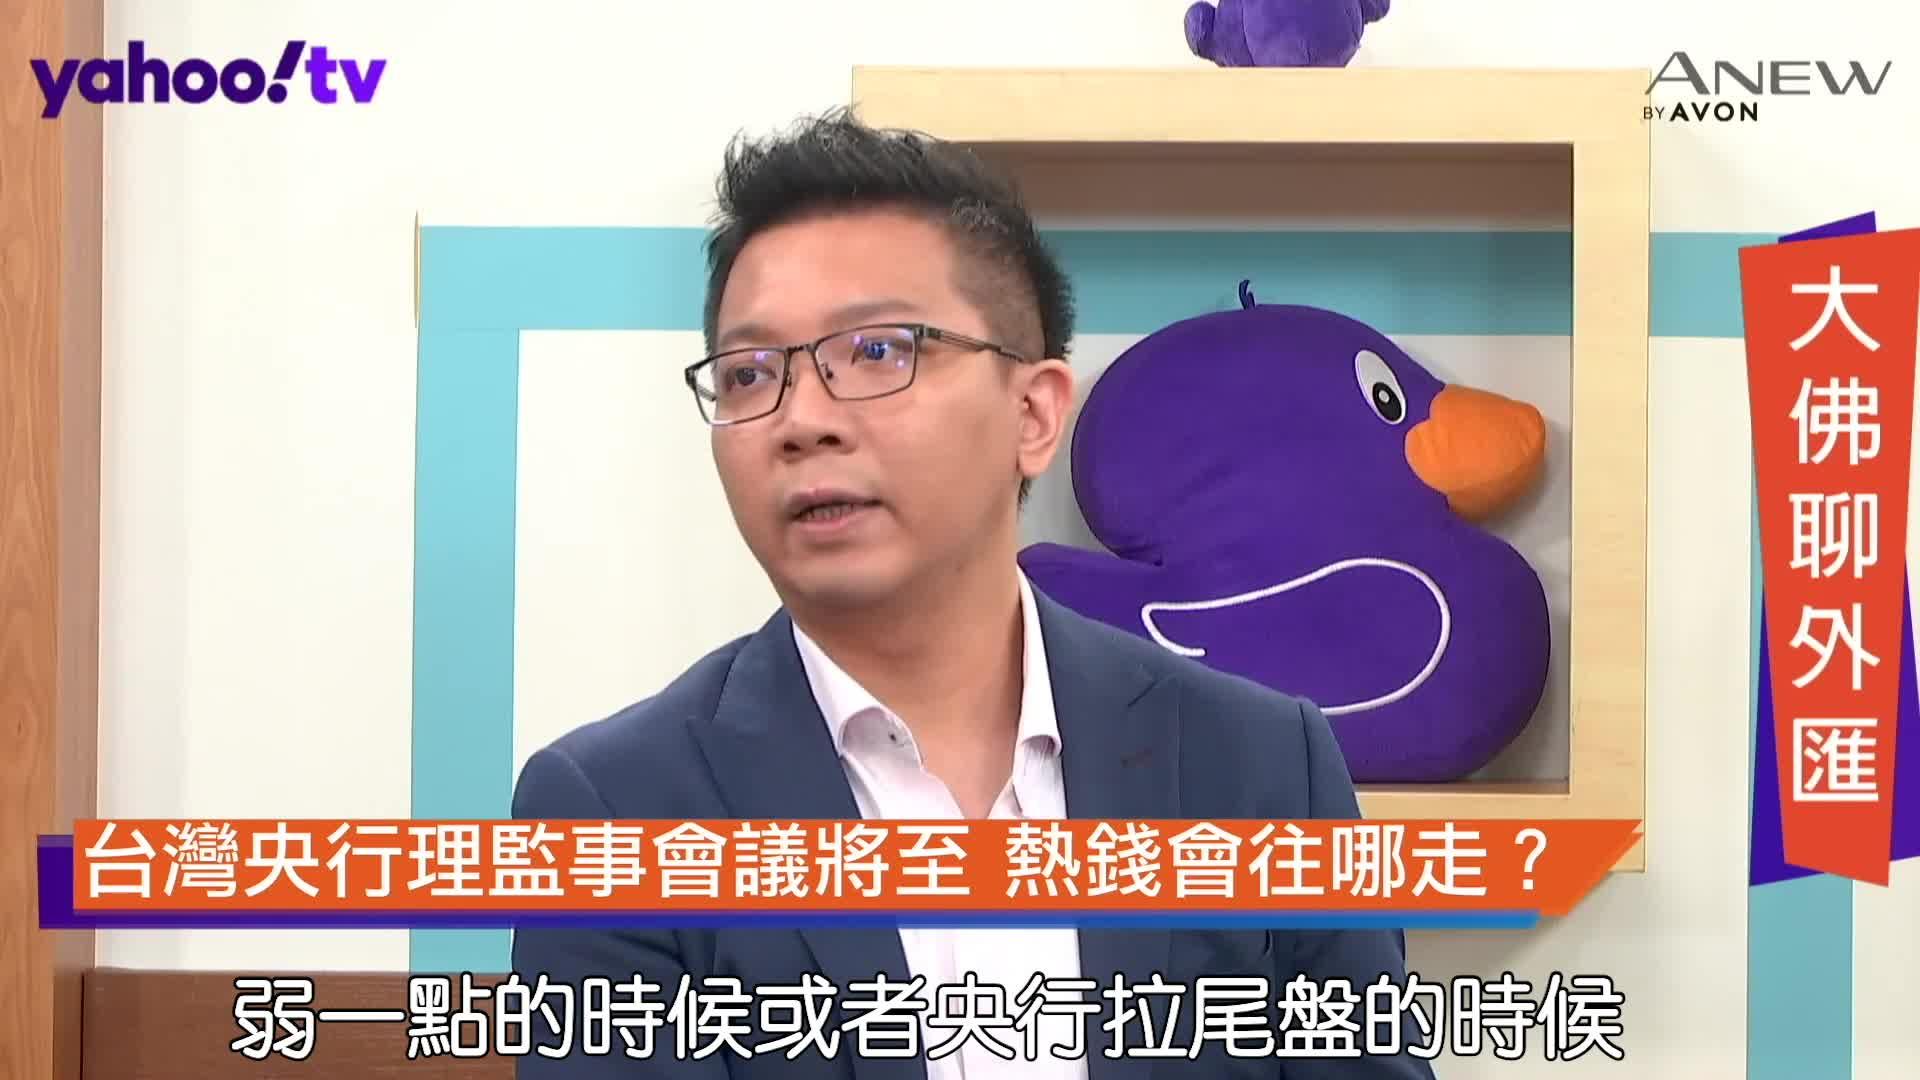 台灣央行理監事會議將至 熱錢會往哪走?